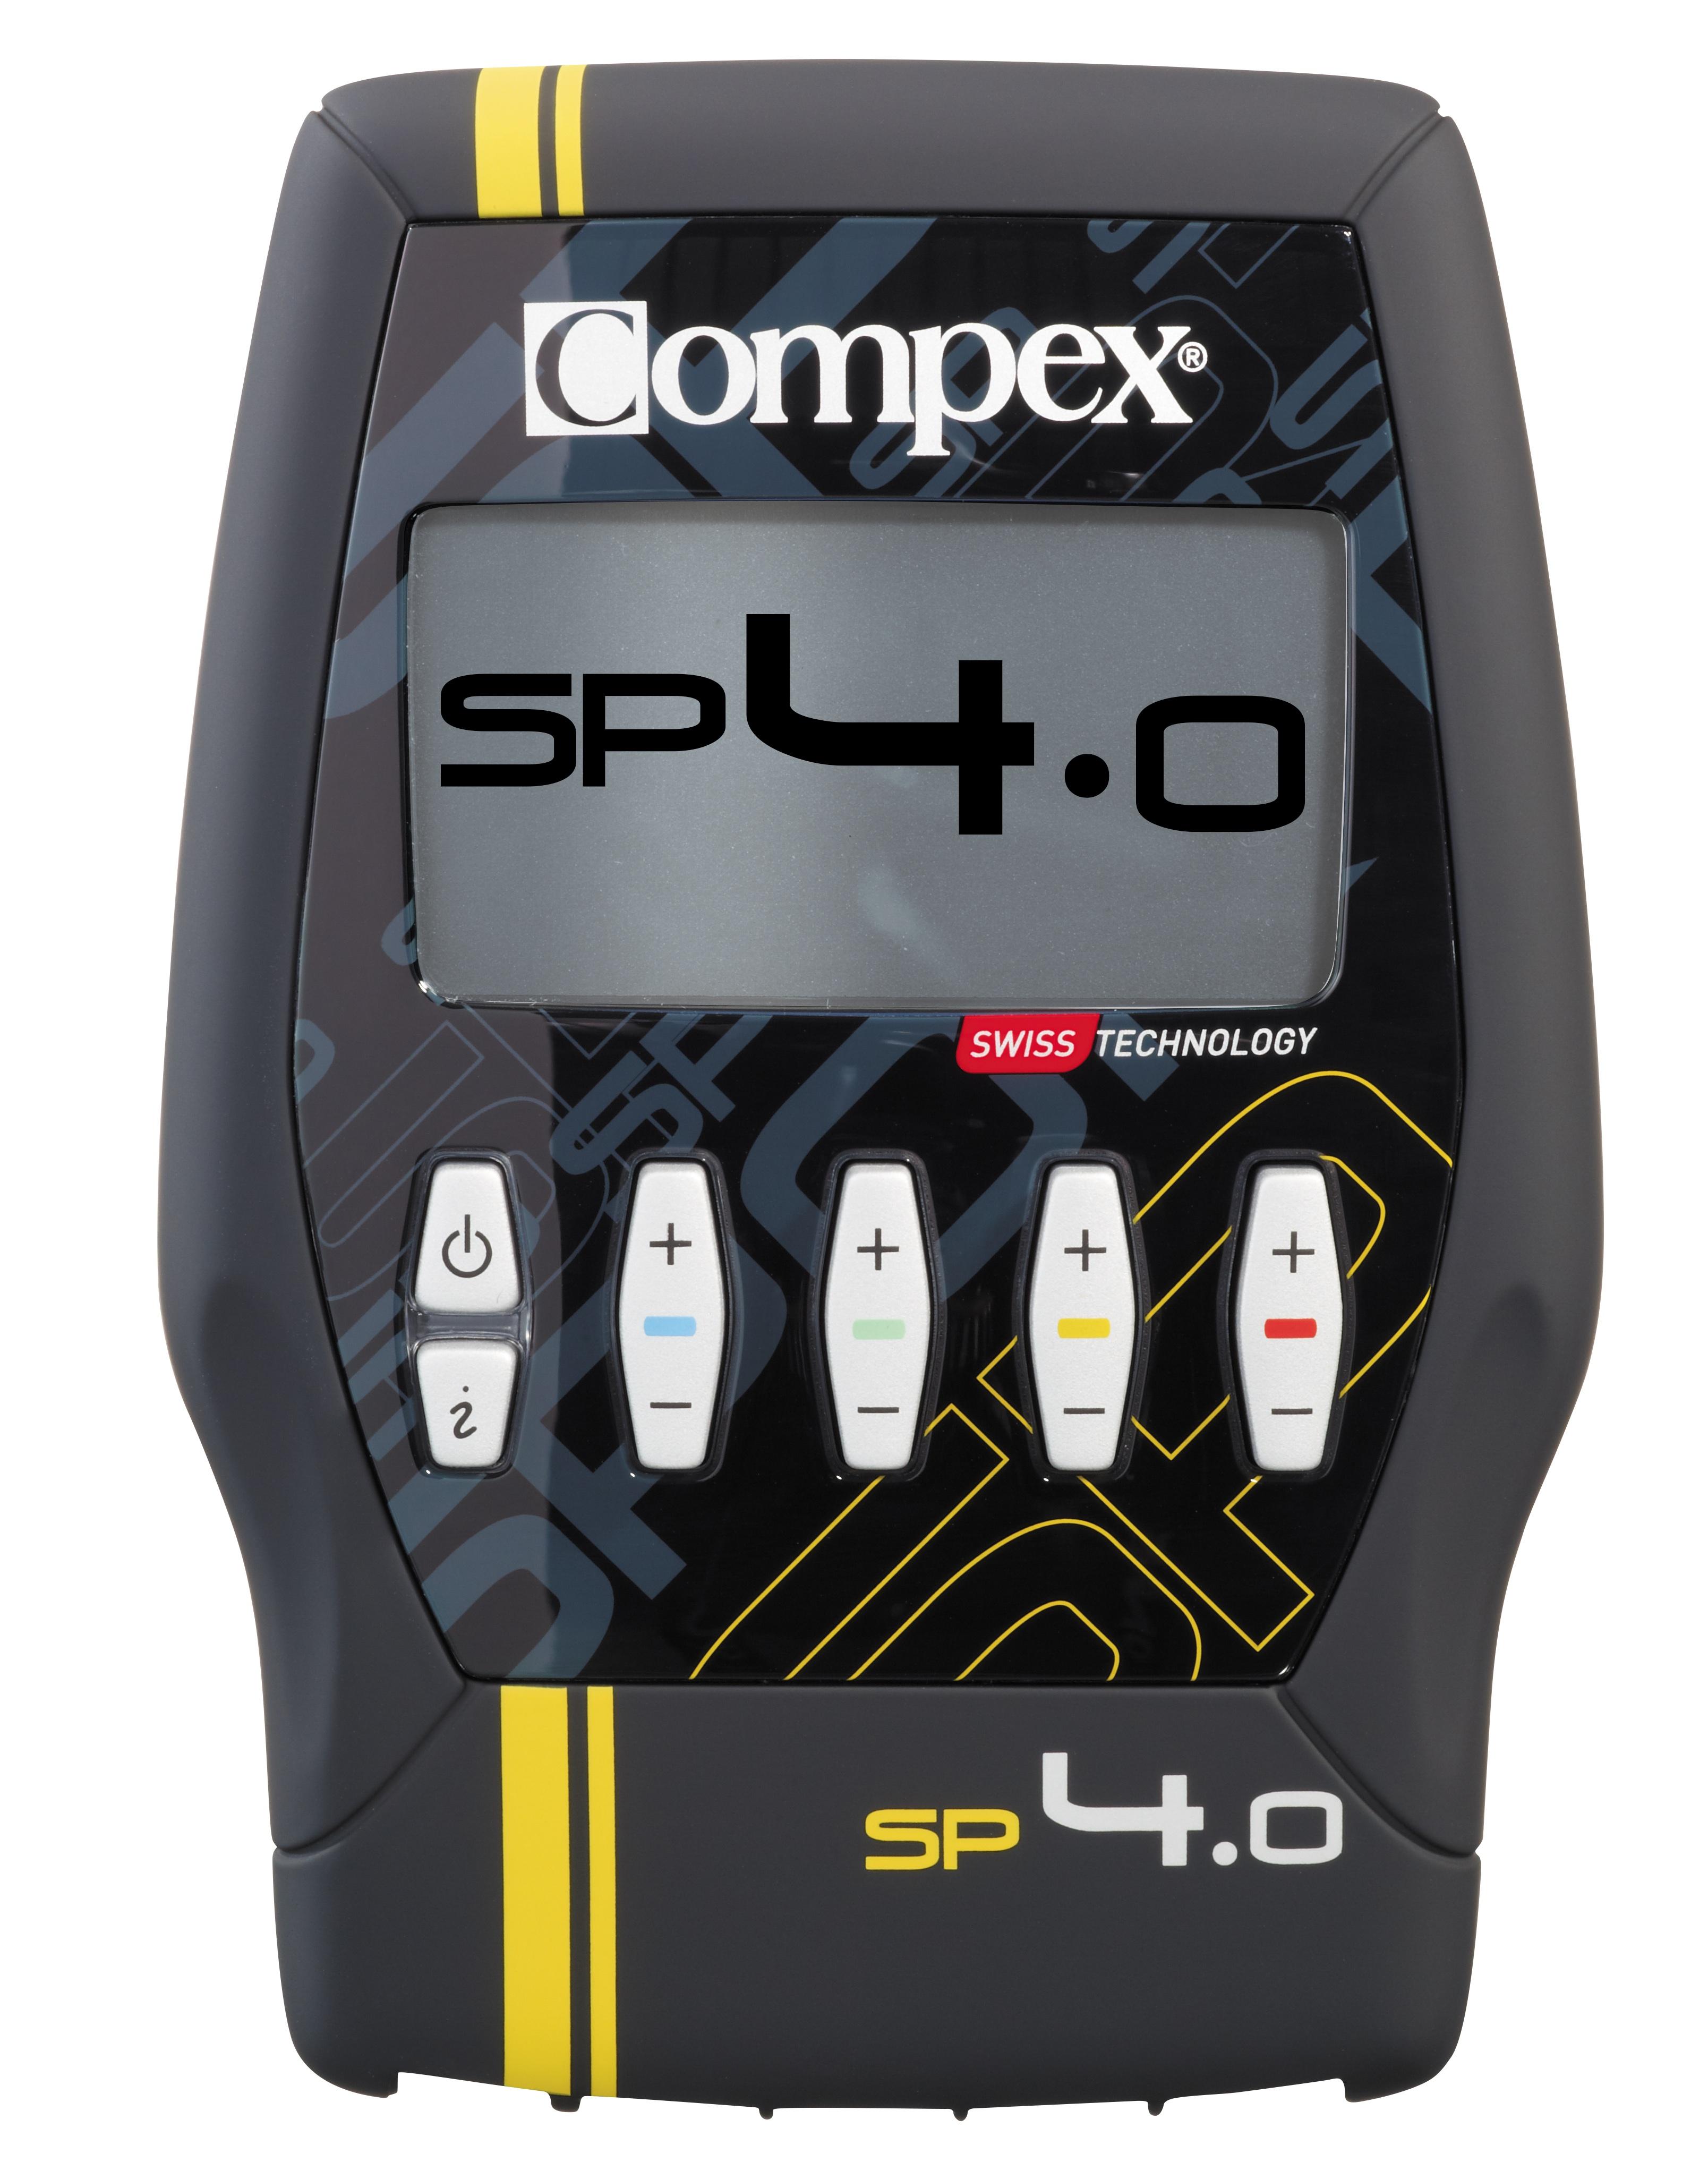 Compex Sport 4.0 zu 599 Euro mit TENS-Programm - Mit 30 Programmen zu den 5 Programmkategorien Konditionsaufbau, Schmerzlinderung, Erholung/Massage, Fitness und Regeneration